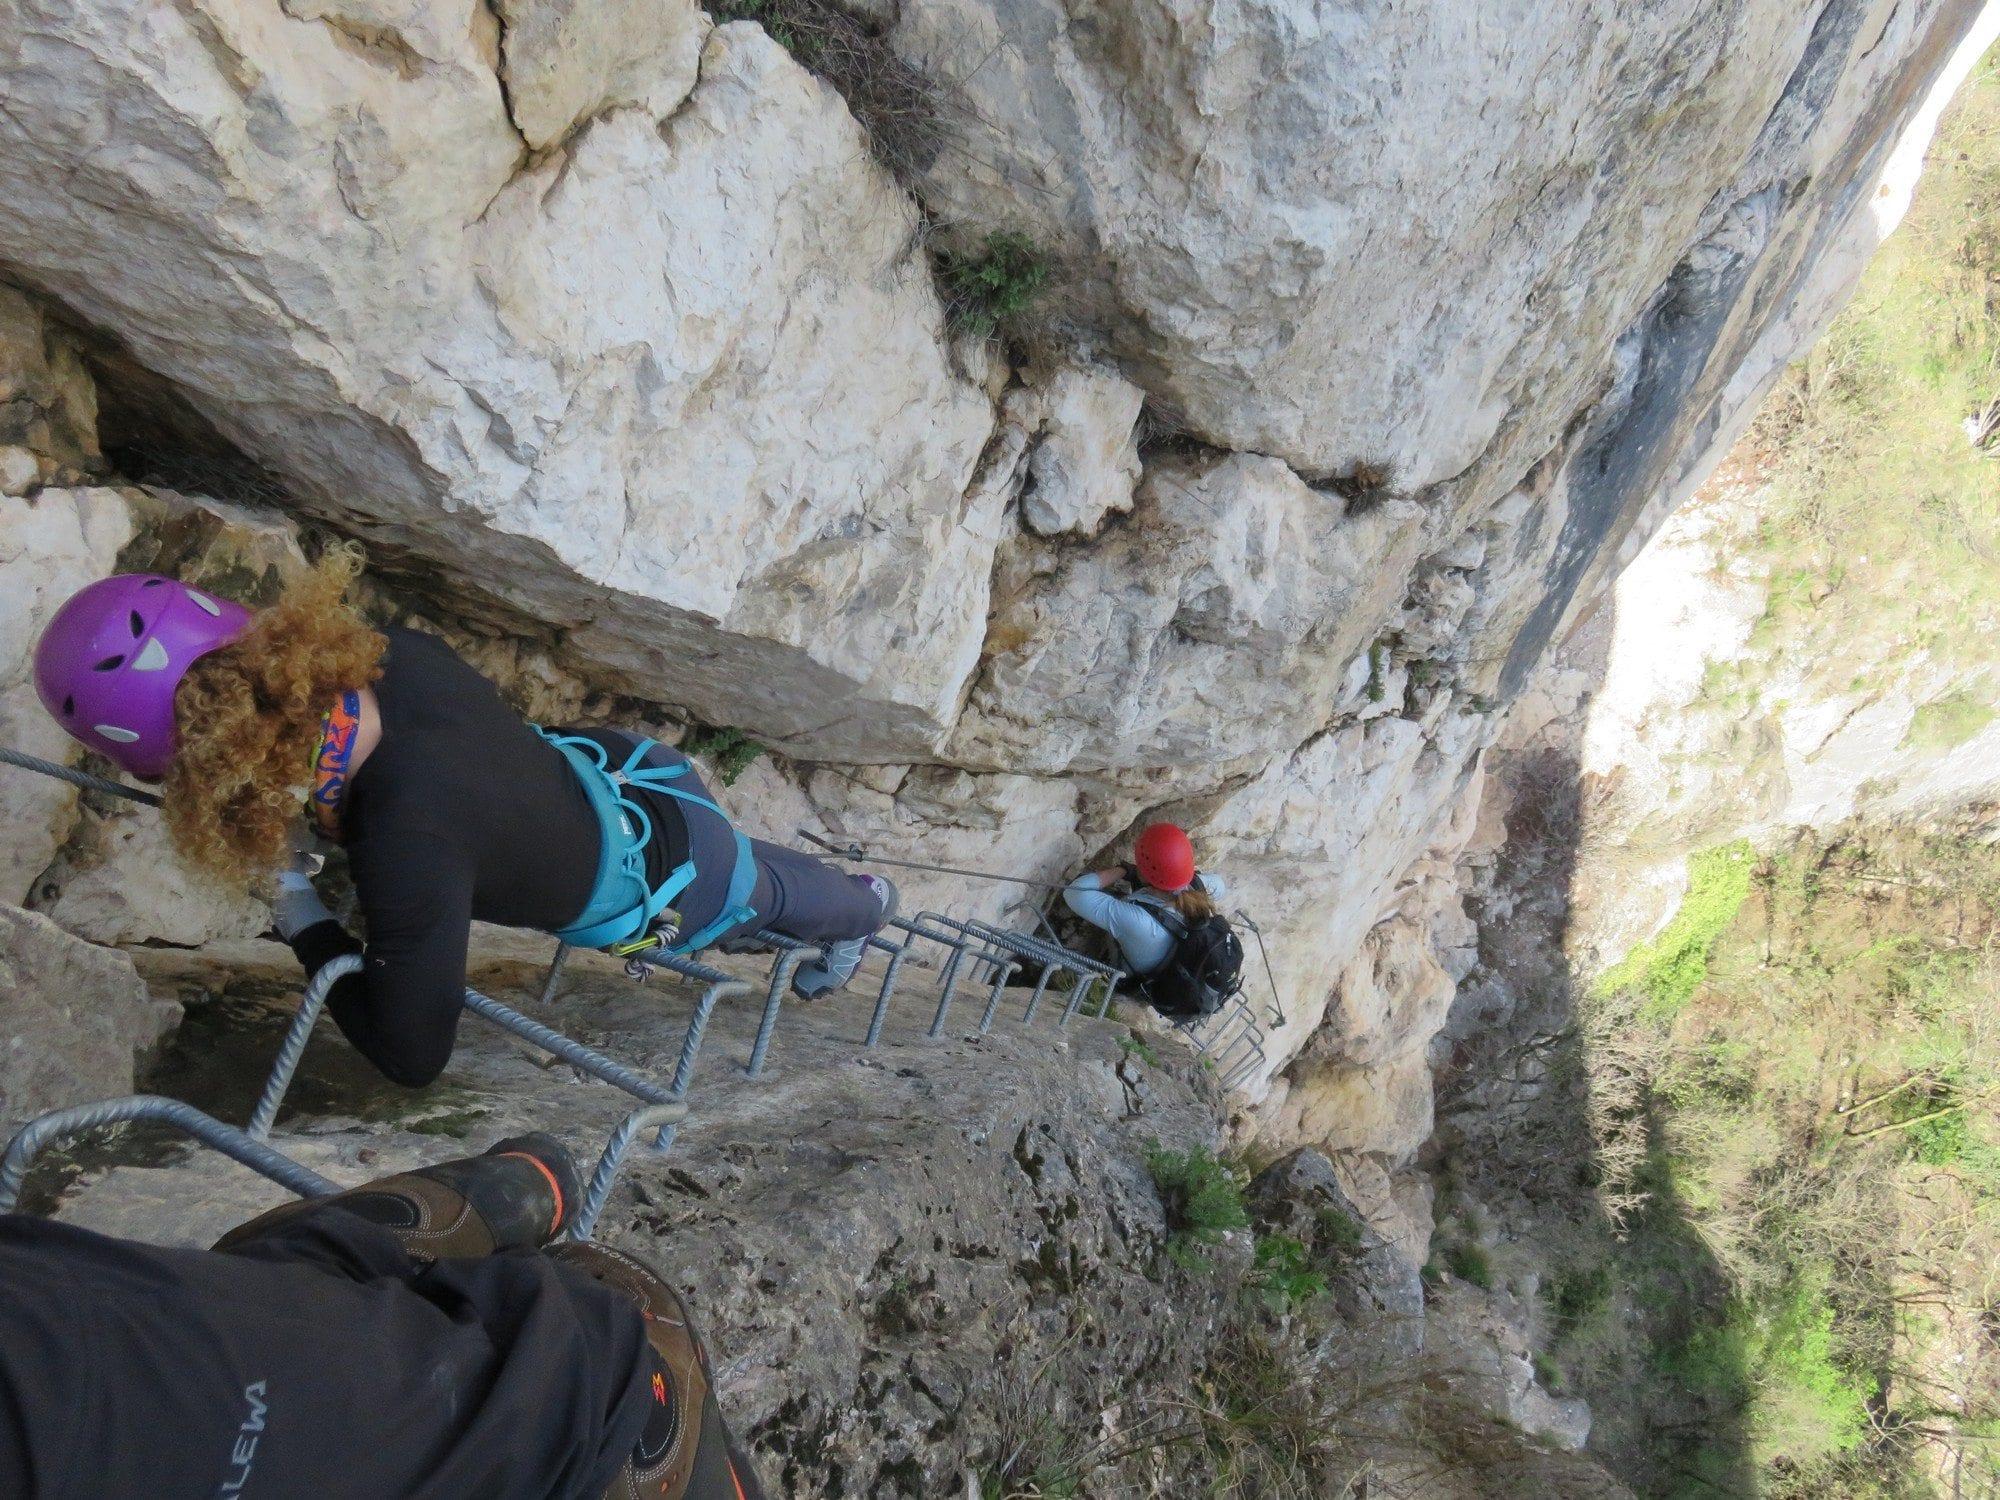 ויה פראטה Albano - צפון איטליה - ערוצים בטבע